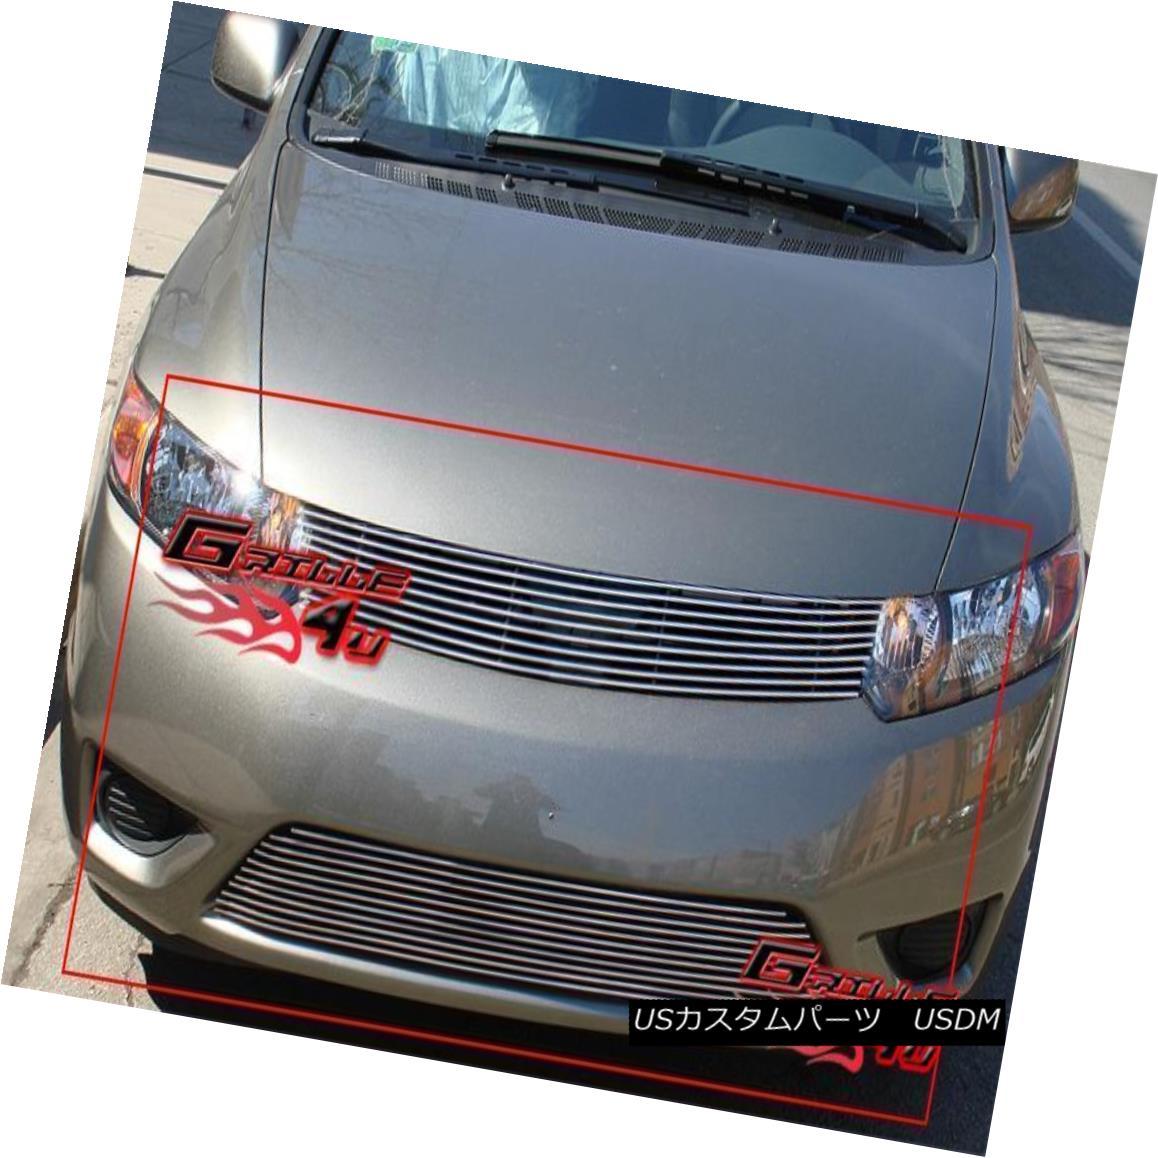 グリル Fits 2006-2008 Honda Civic 2 Door Coupe Billet Grille Combo 適合2006-2008ホンダシビック2ドアクーペビレットグリルコンボ